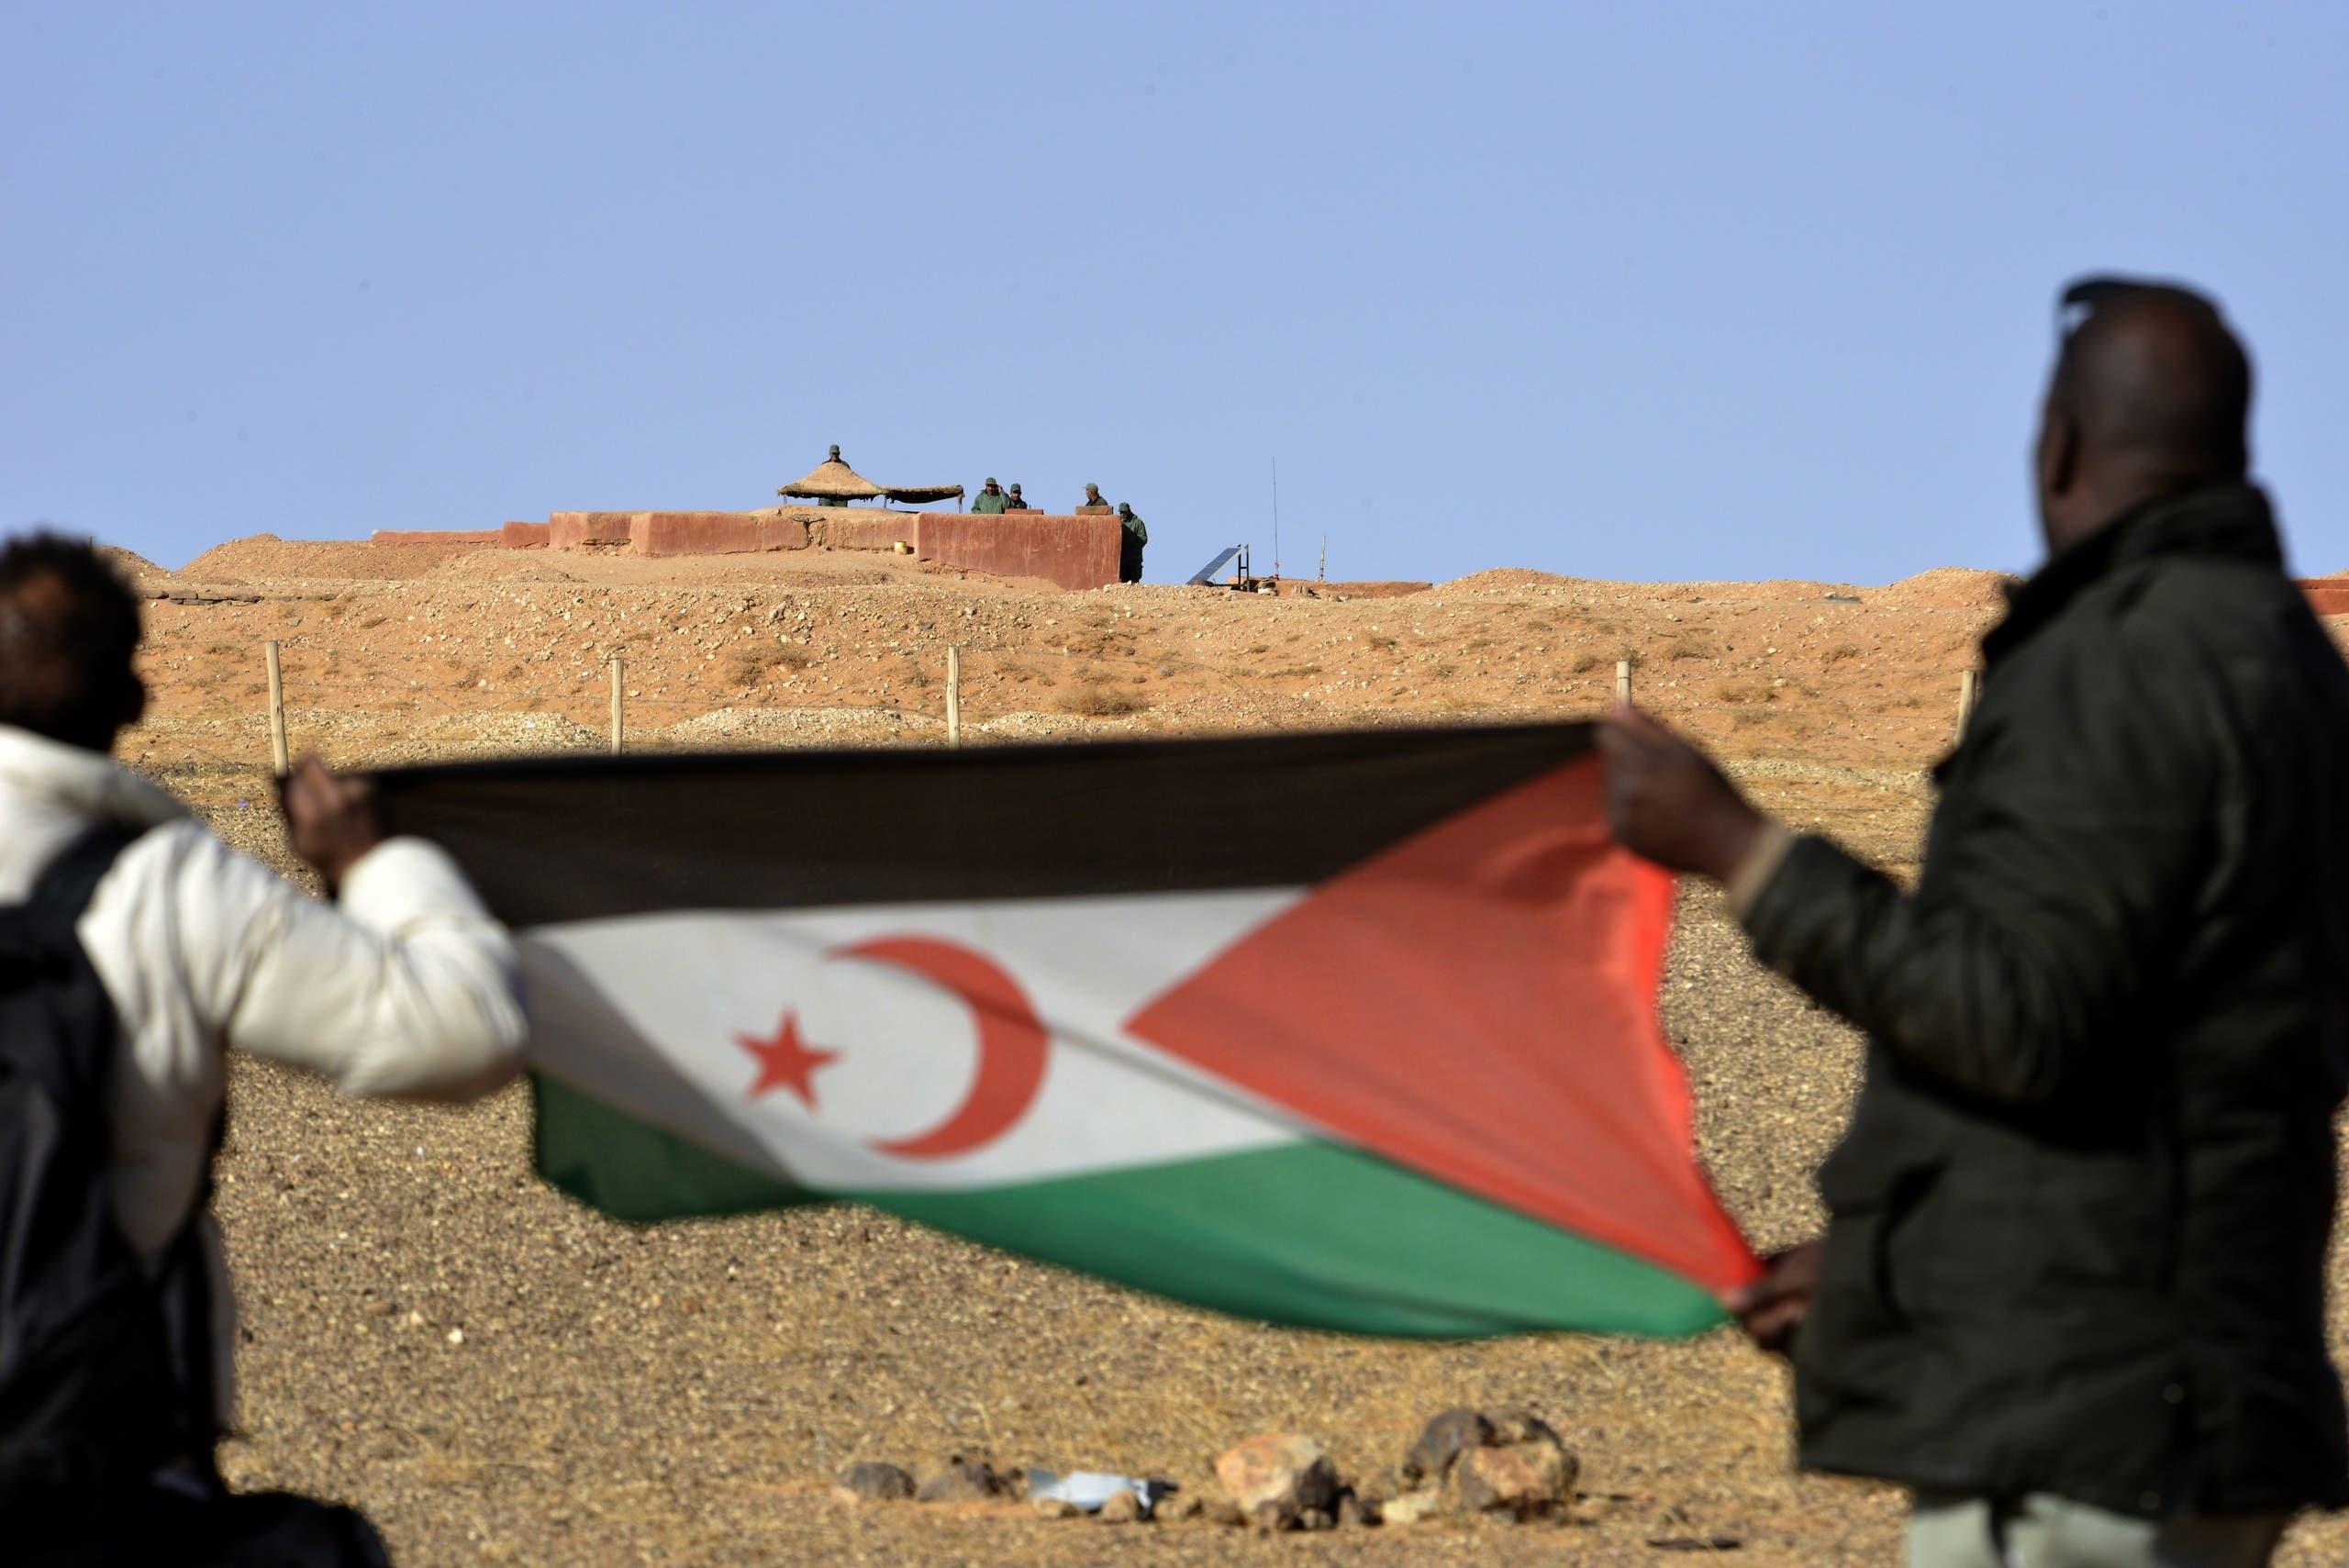 رجلان يحملان علم البوليساريو في الصحراء (أرشيفية)